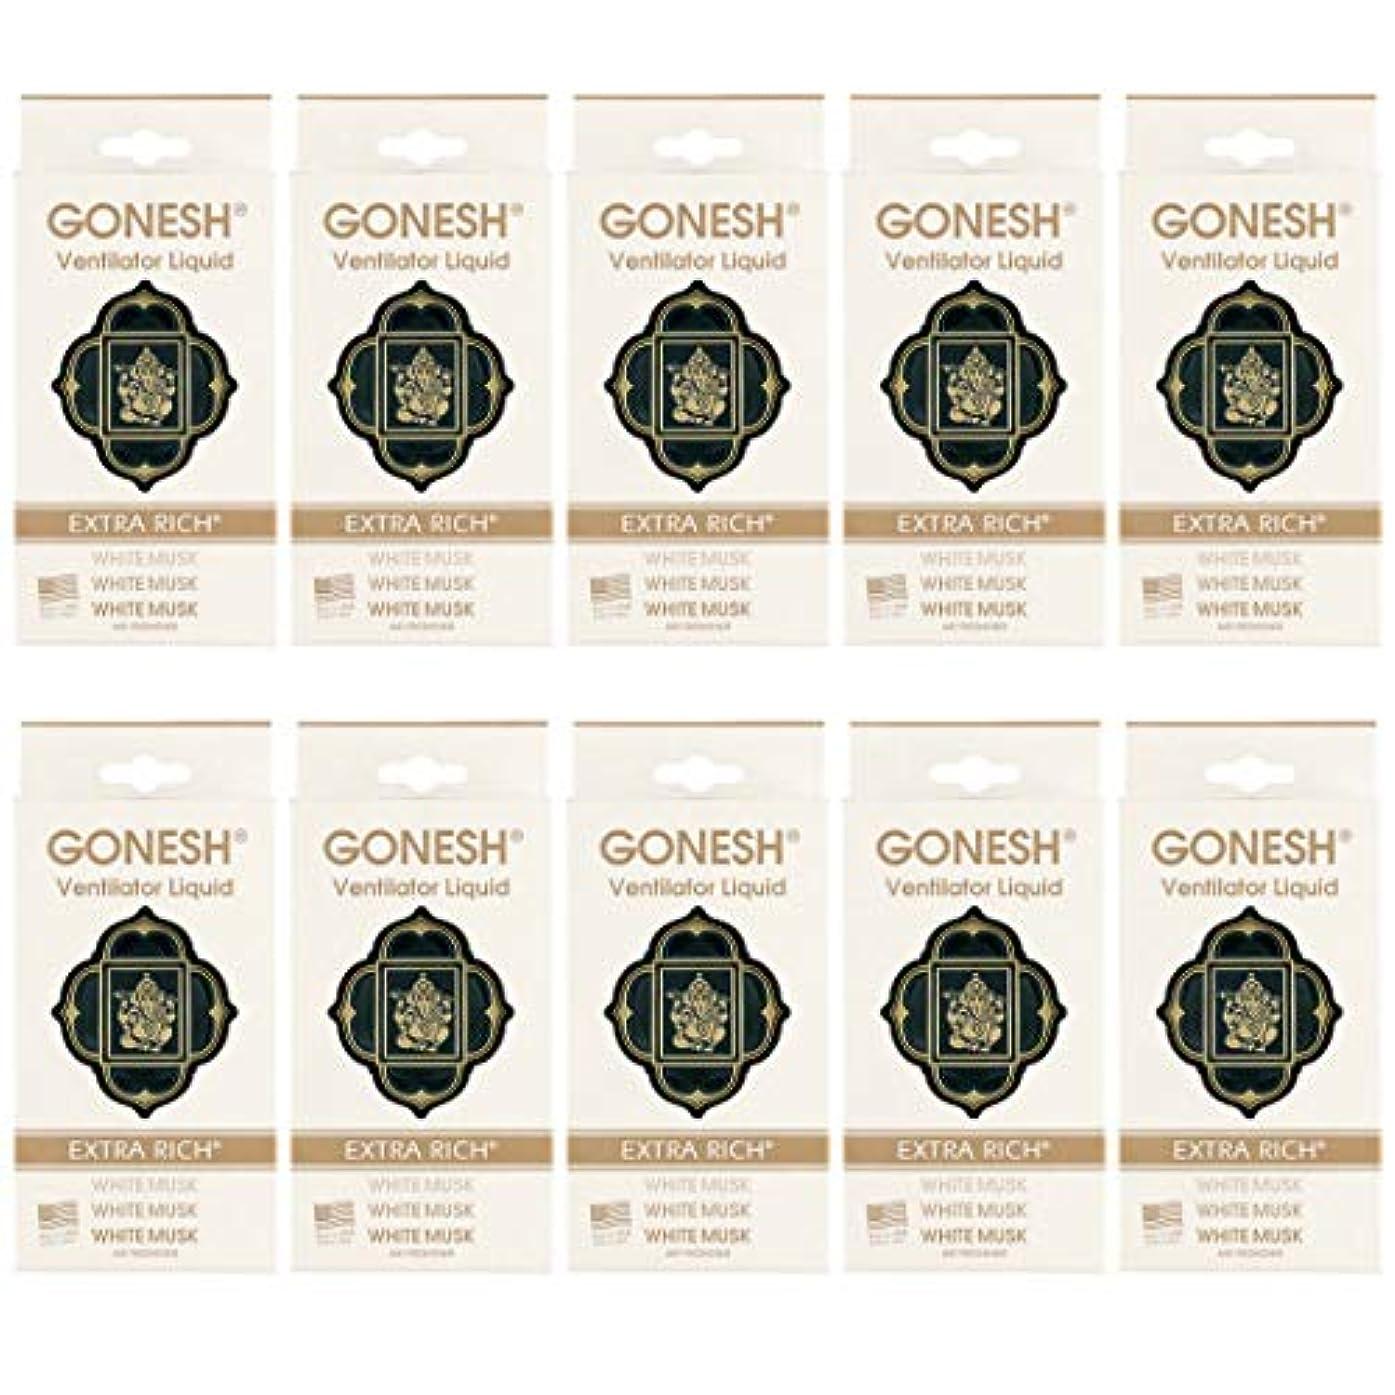 洗練投獄中毒GONESH ヴェンティレーターリキッド ホワイトムスク 10個セット